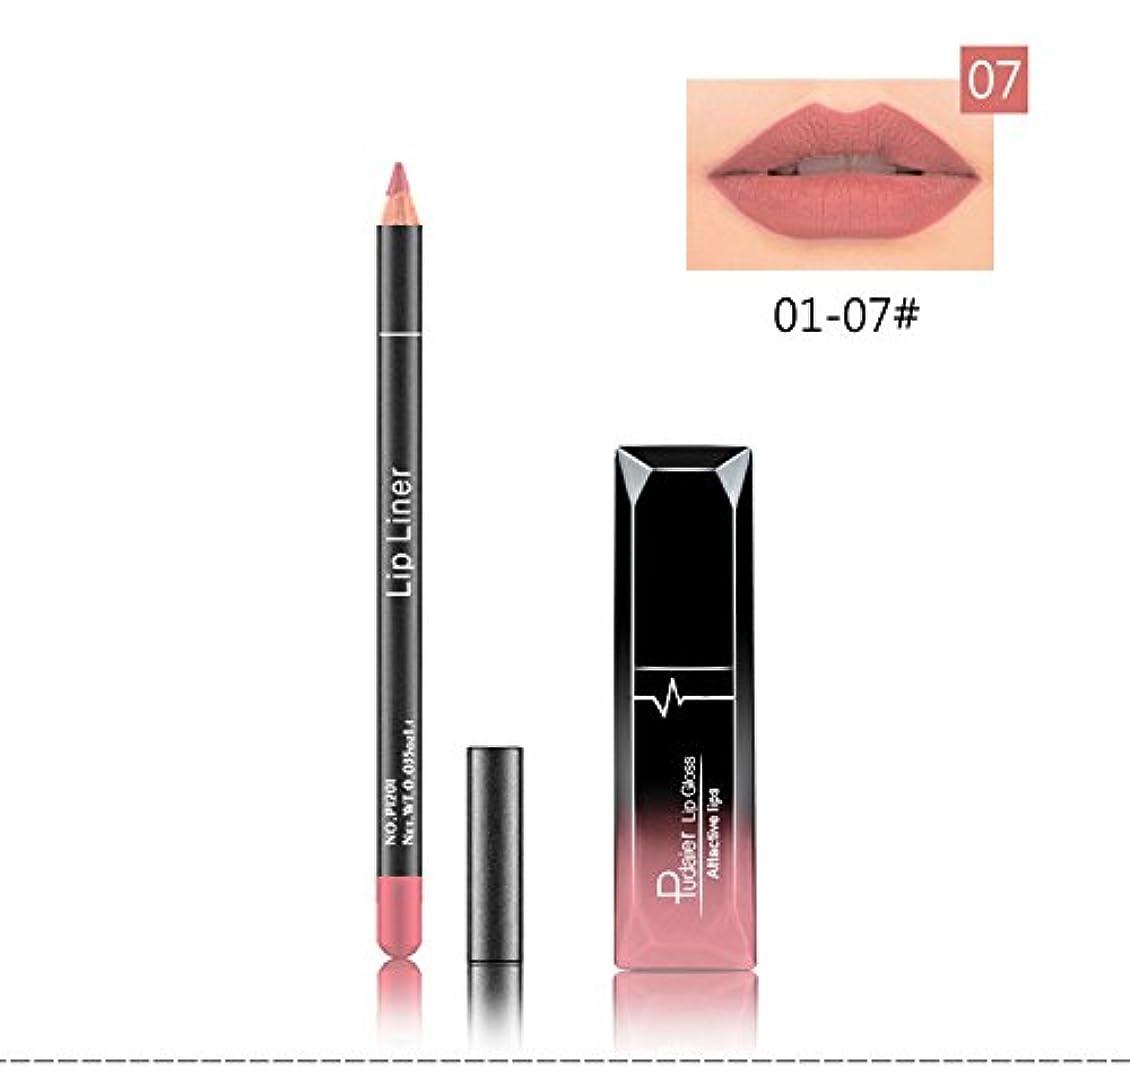 悪性のピカソ高価な(07) Pudaier 1pc Matte Liquid Lipstick Cosmetic Lip Kit+ 1 Pc Nude Lip Liner Pencil MakeUp Set Waterproof Long...